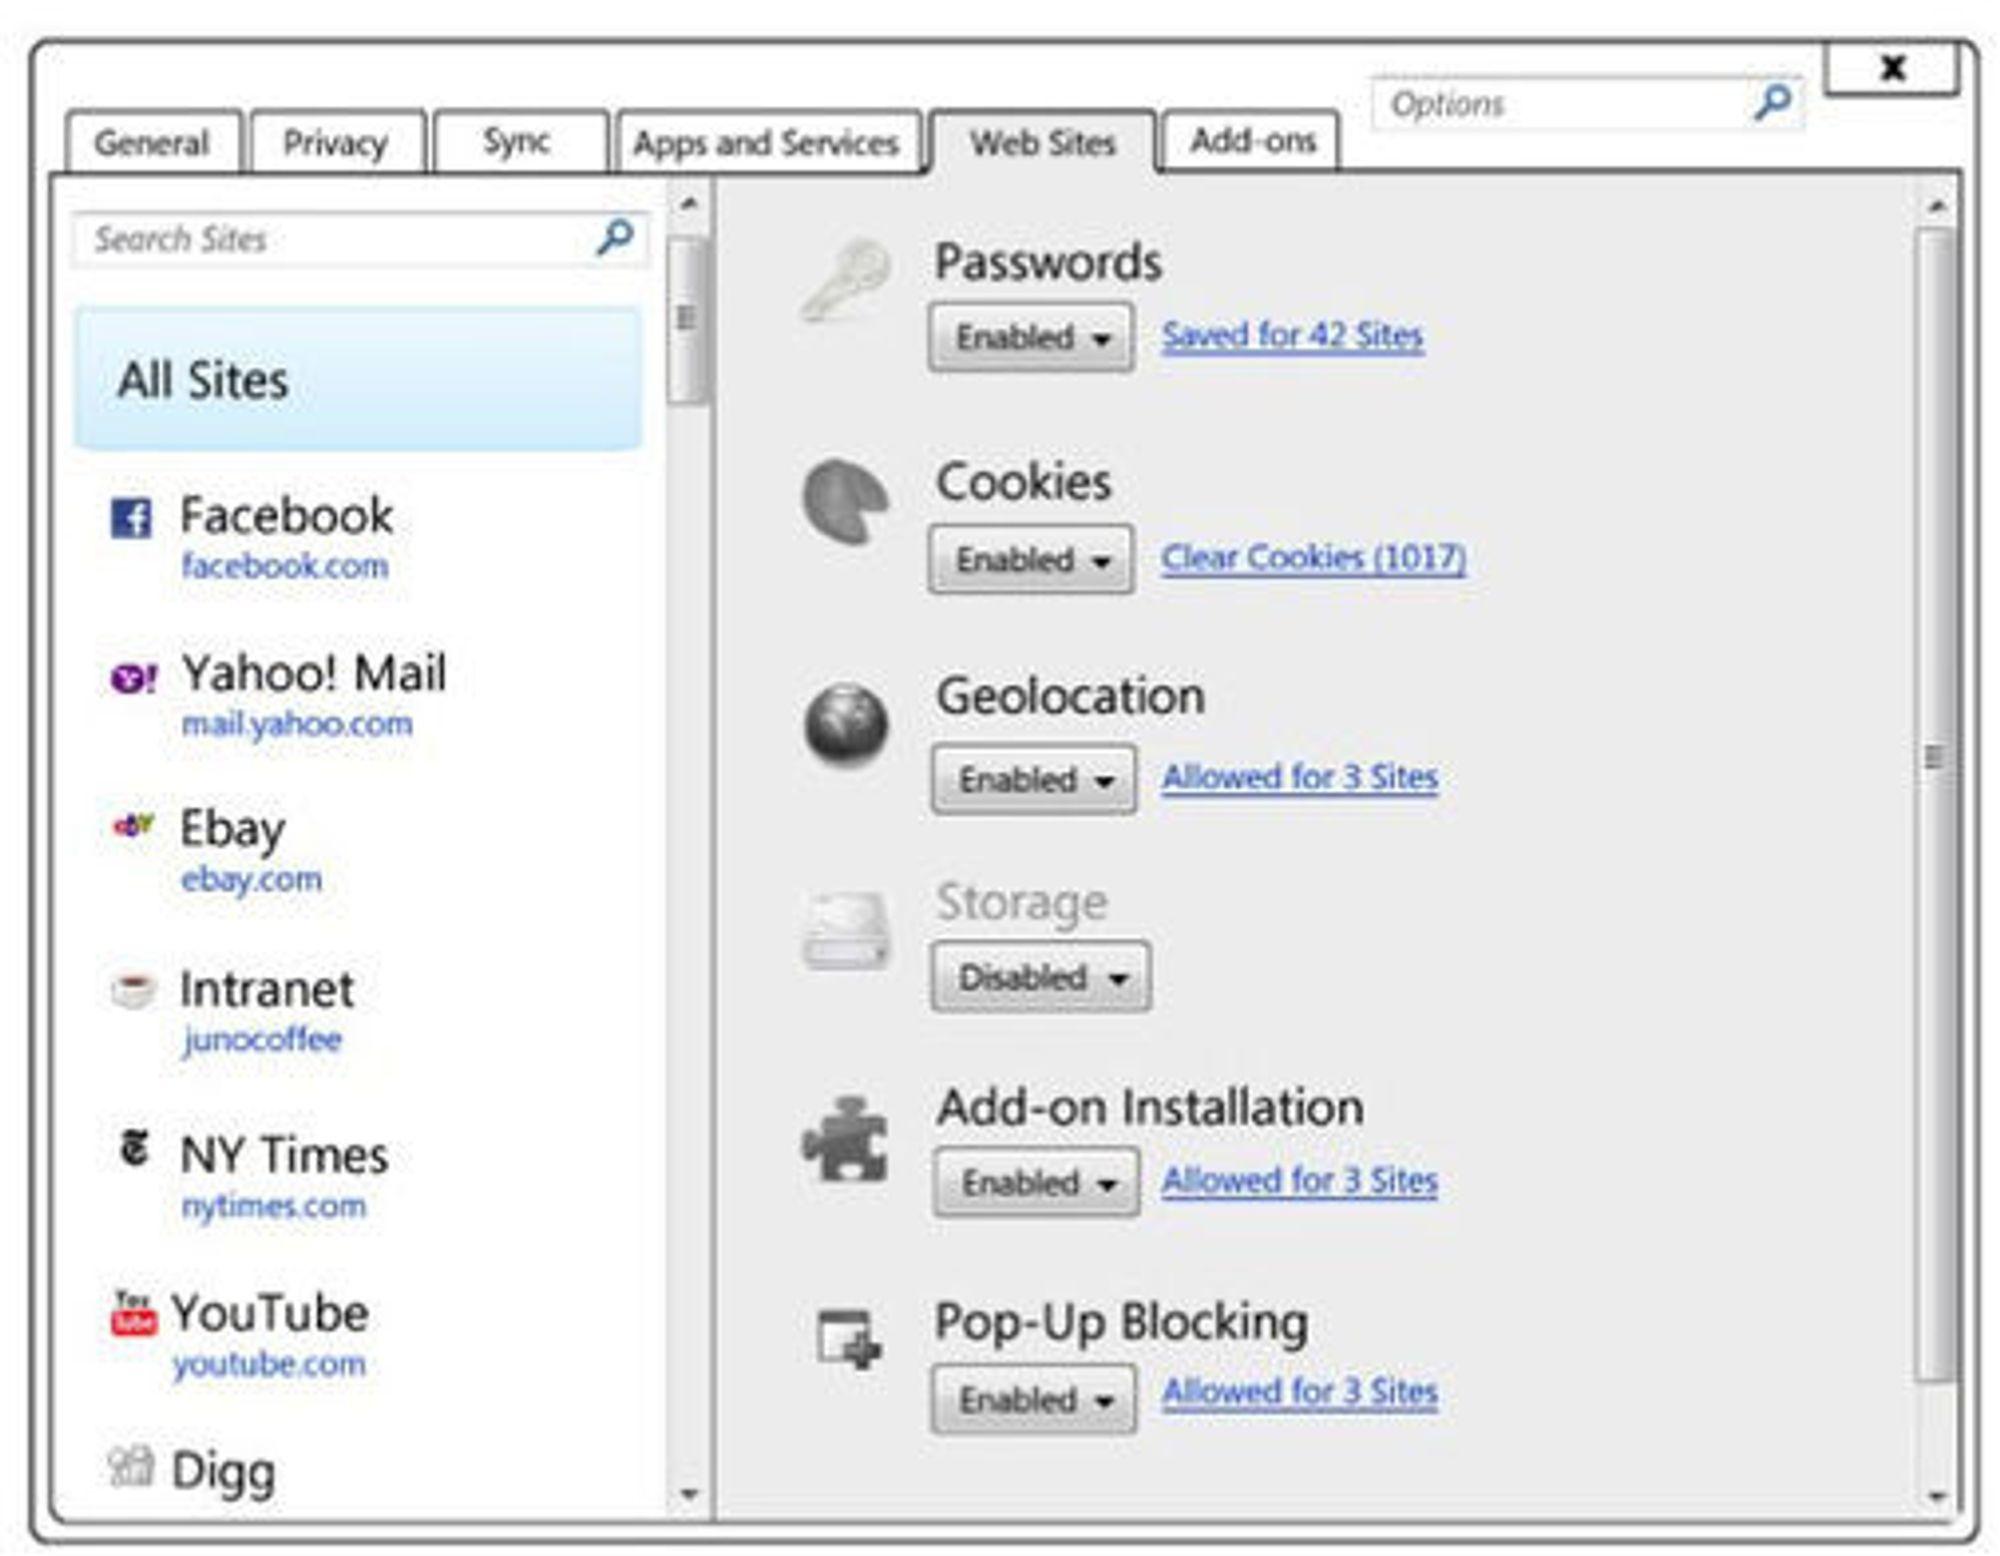 Verktøy for å administrere innstillinger for enkeltnettsteder i Firefox 4.0.